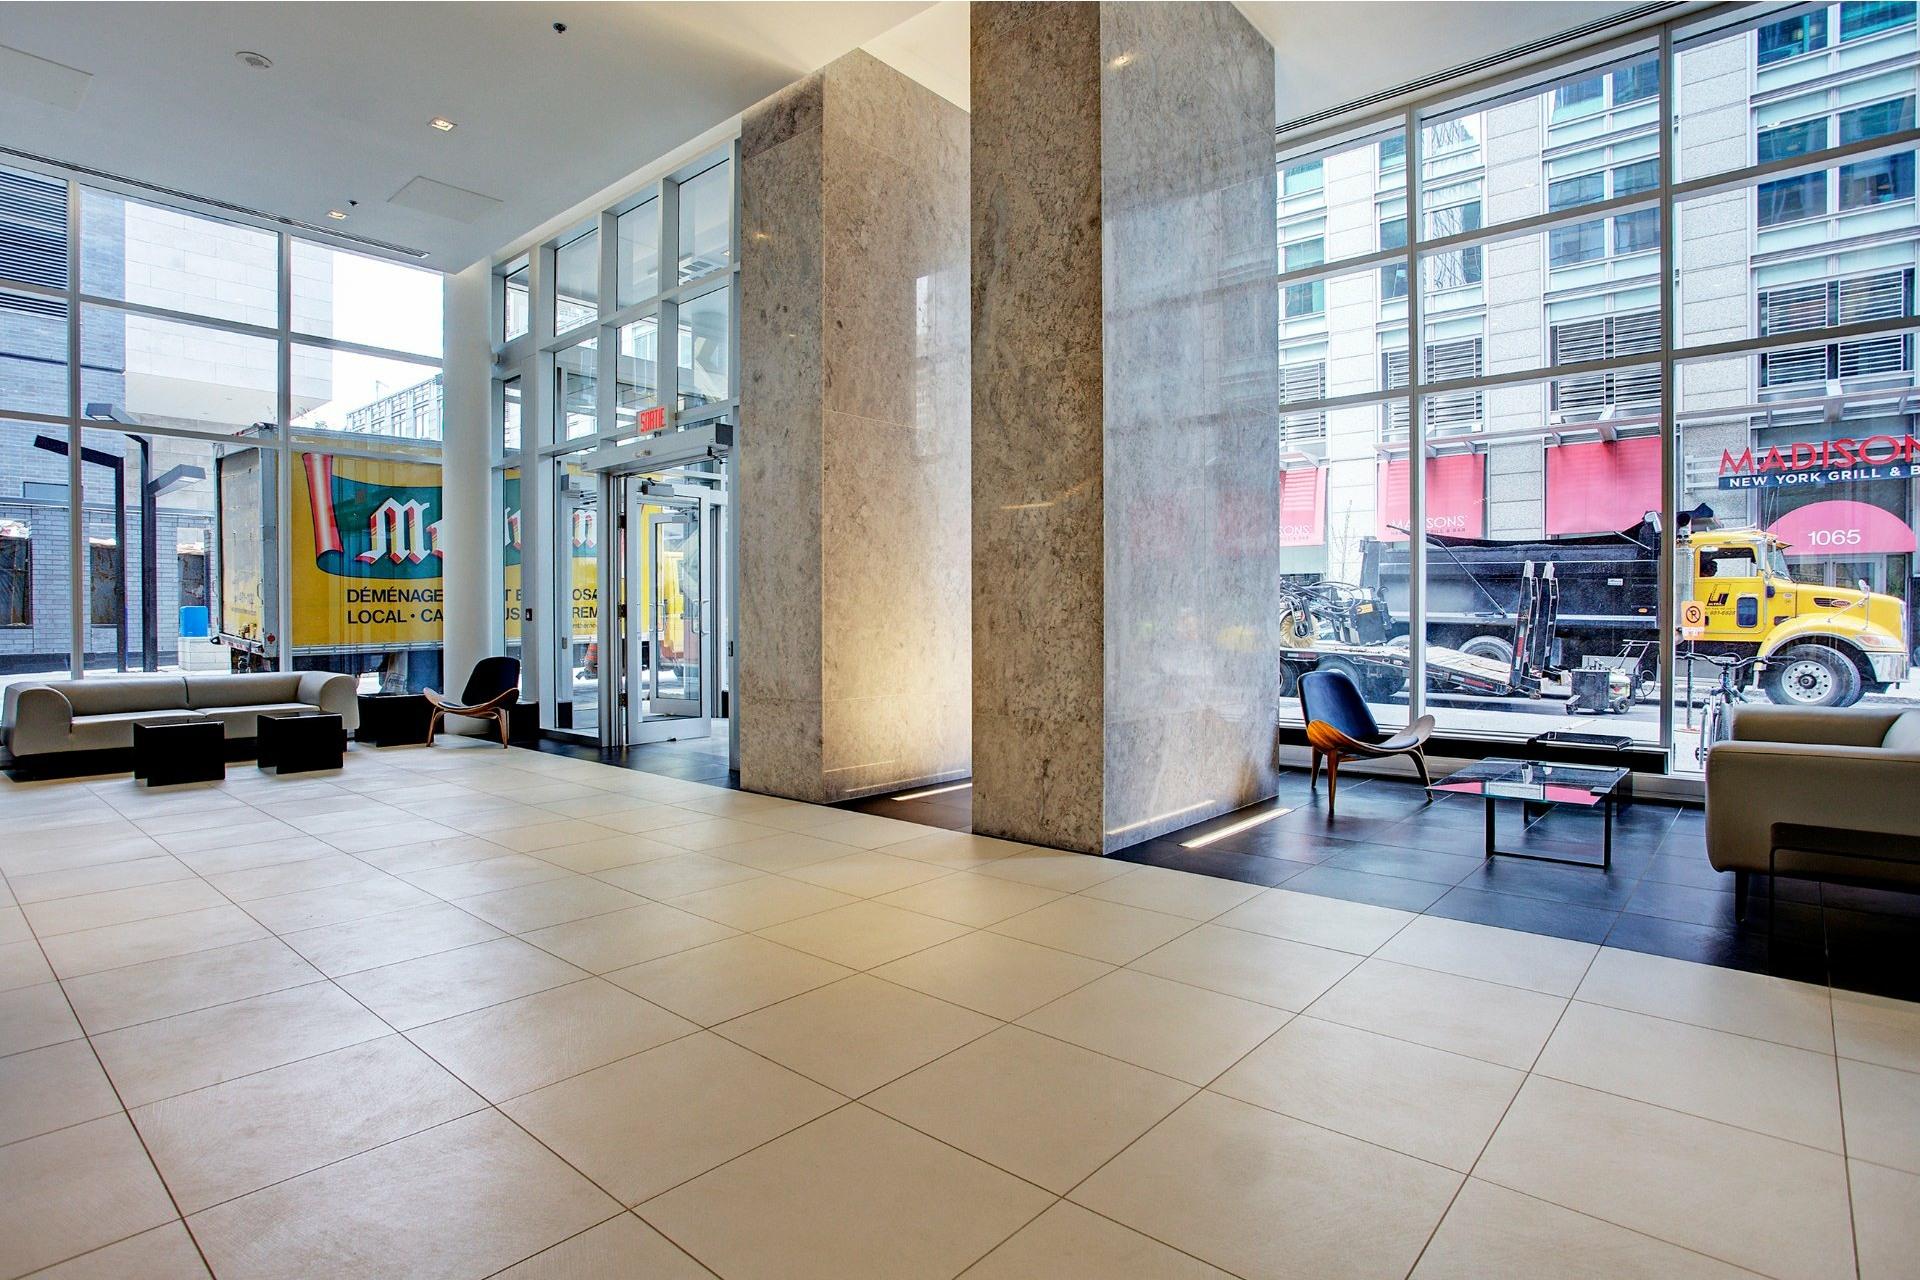 image 6 - Appartement À louer Ville-Marie Montréal  - 5 pièces